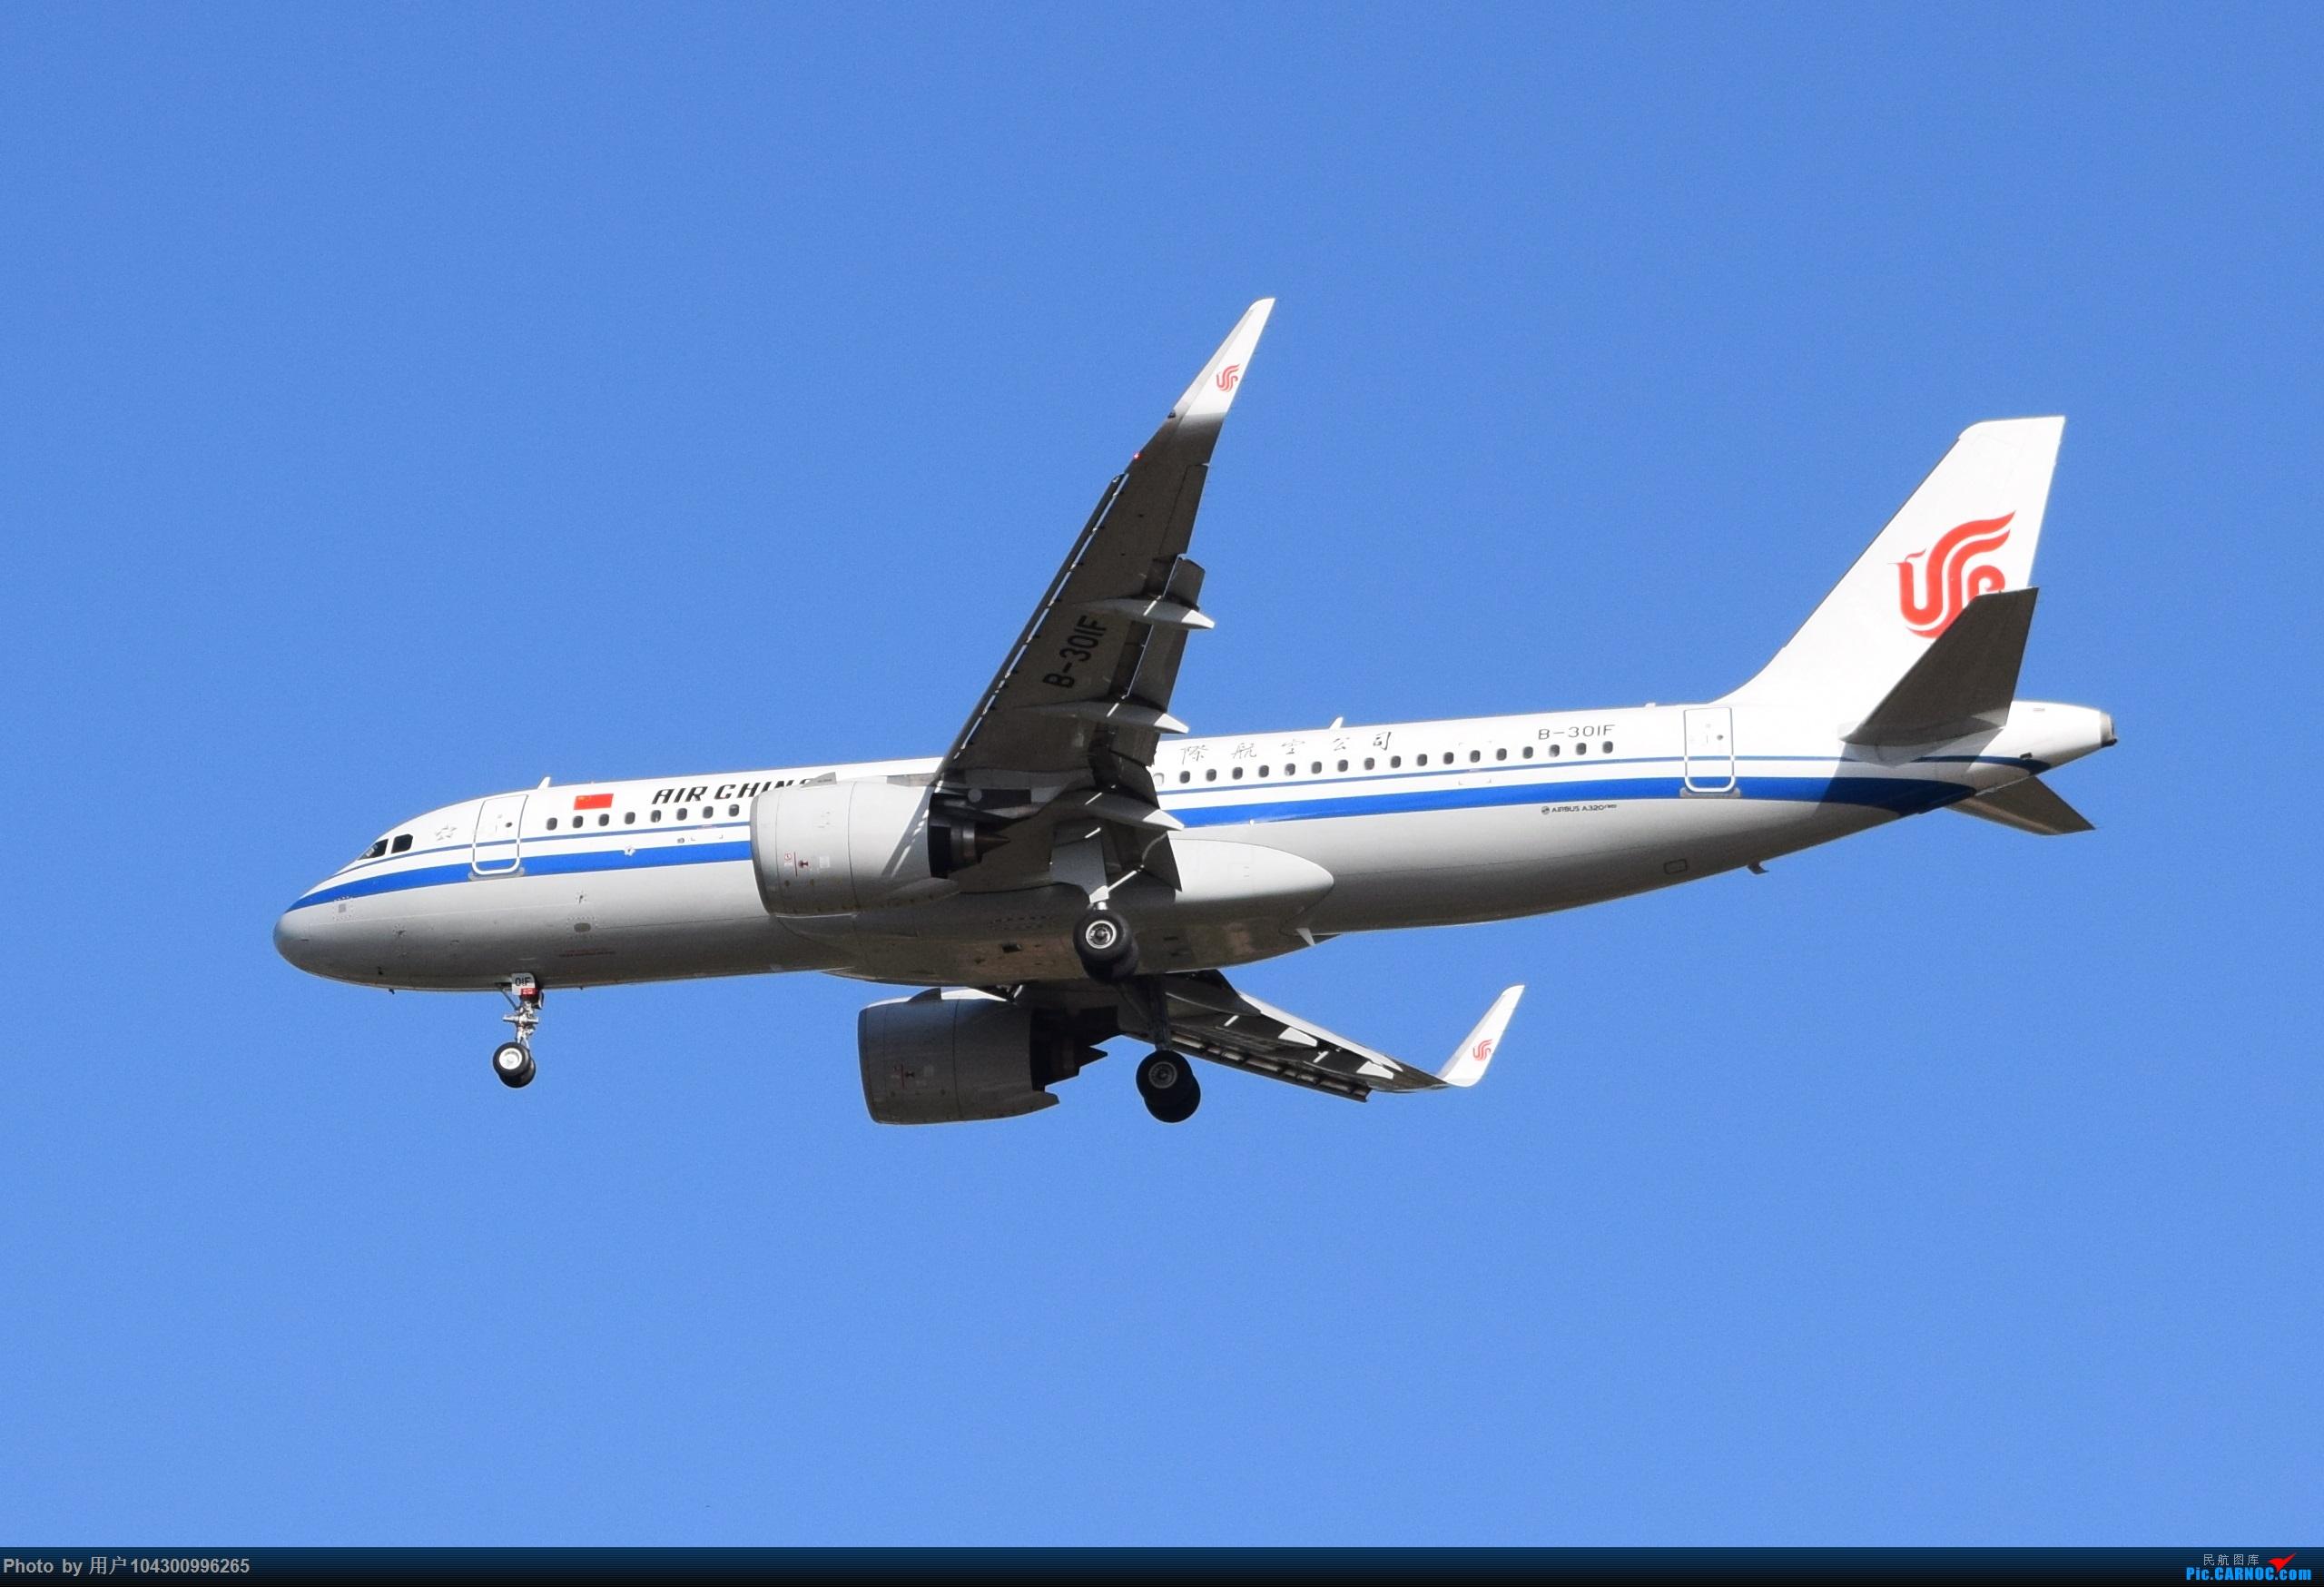 Re:[原创][KWE]贵阳今天天气不错,随便拍几张! AIRBUS A320NEO B-301F 中国贵阳龙洞堡国际机场